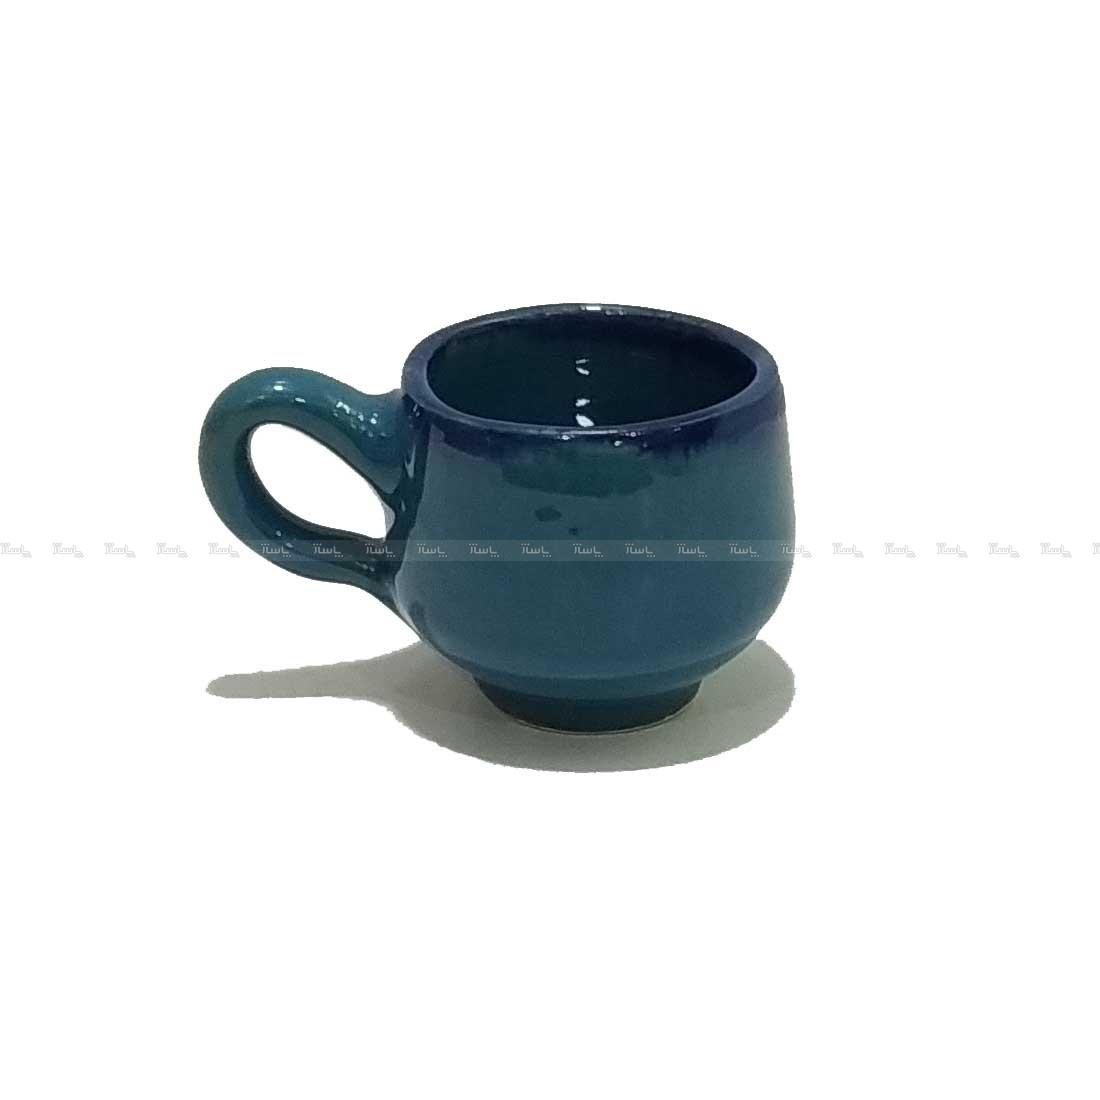 فنجان کوچک سفالی-تصویر اصلی